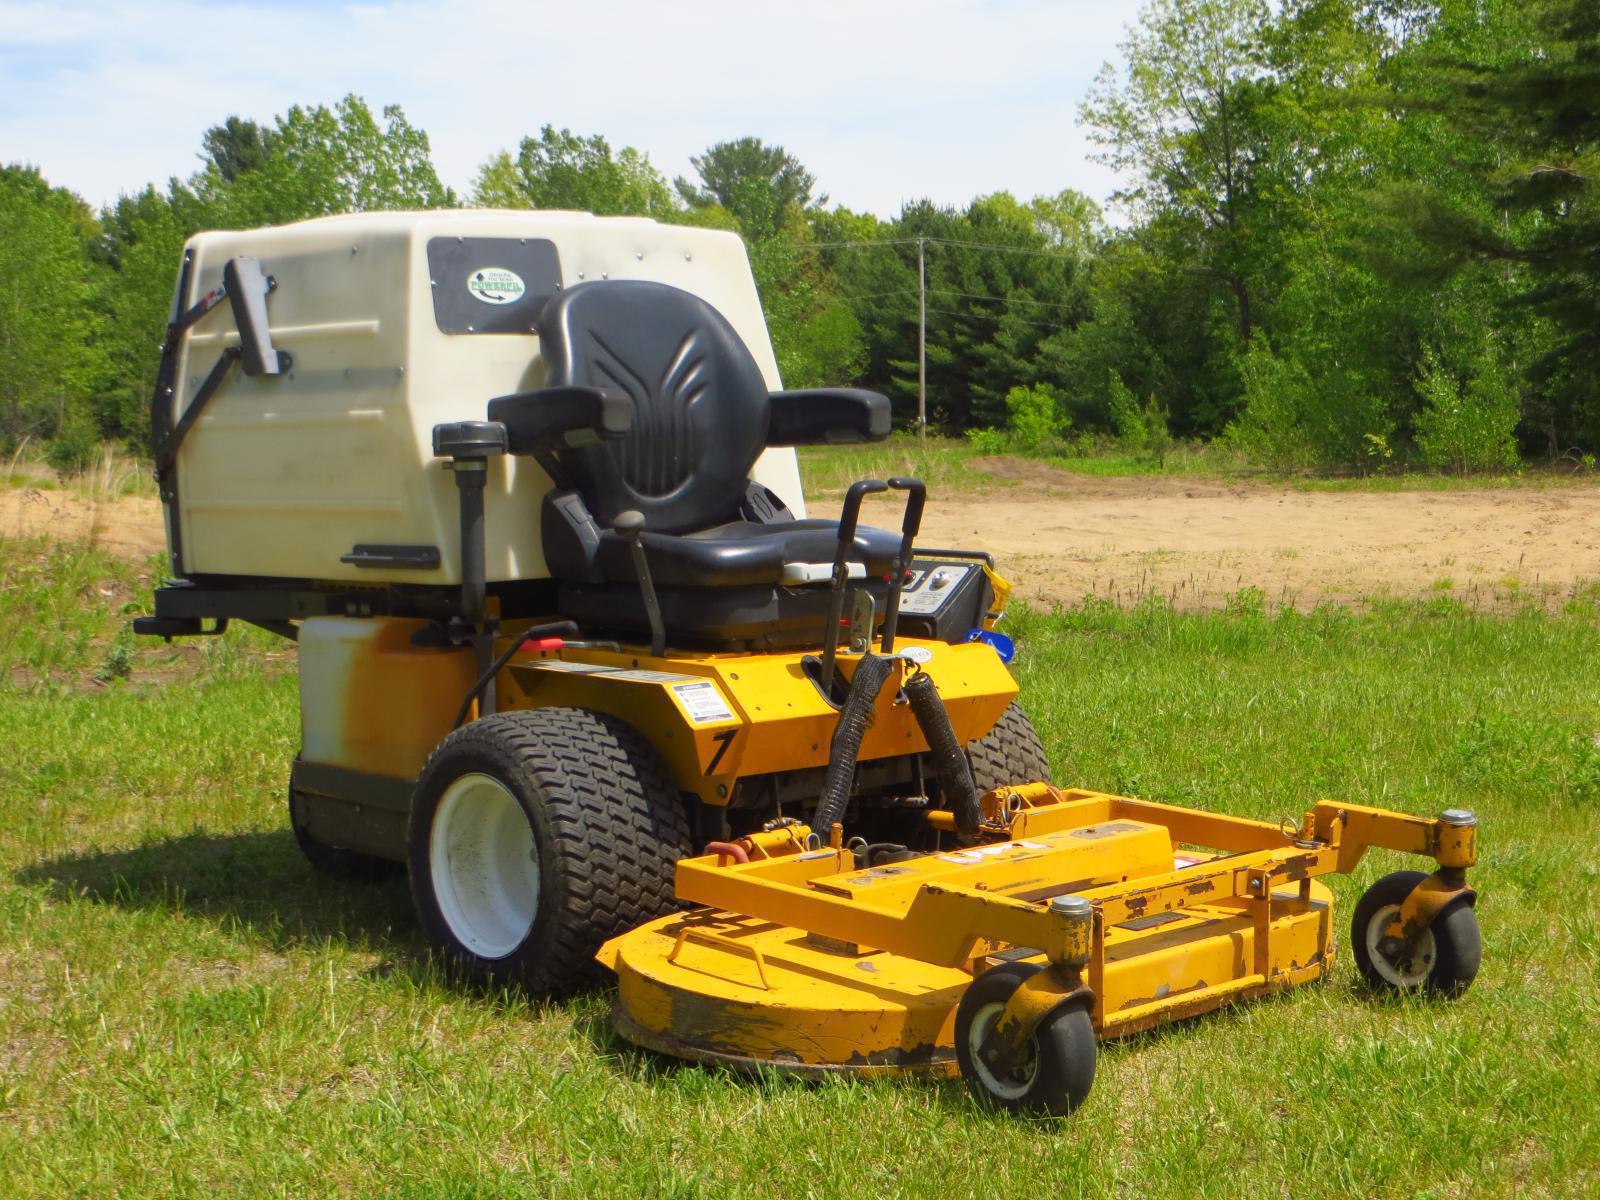 2011 Walker Mowers MDDGHS w/ 48 IN  GHS Grass Handling Deck